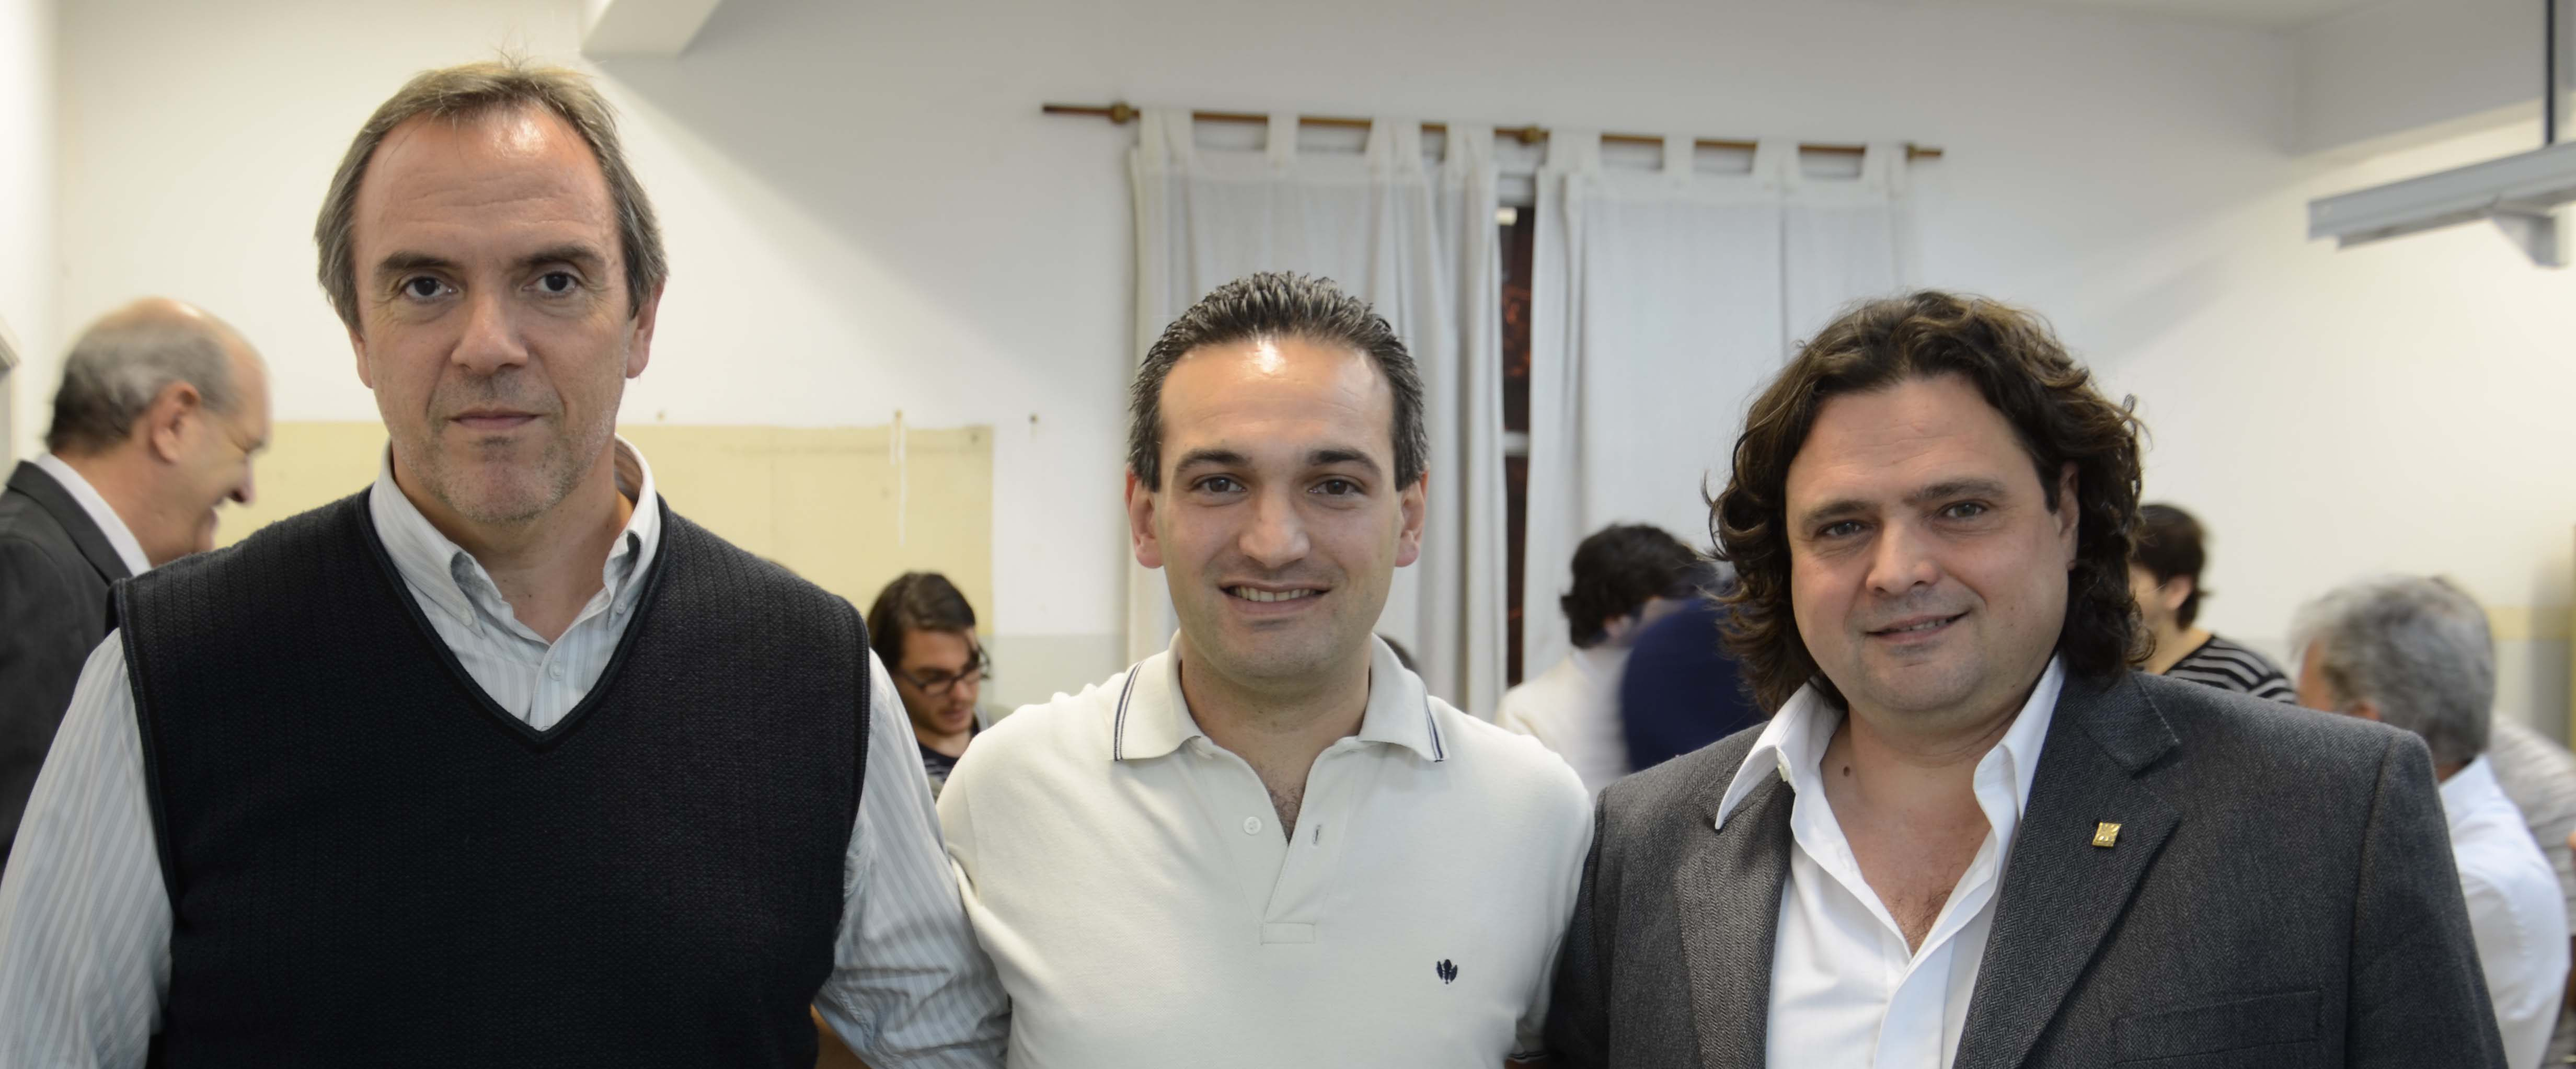 Ing. Llamedo Soria junto al Decano de UTN Buenos Aires, Ing. Guillermo Oliveto (Der) e Ing. Alejandro Furfaro (Director Depto. Ing. Electrónica)